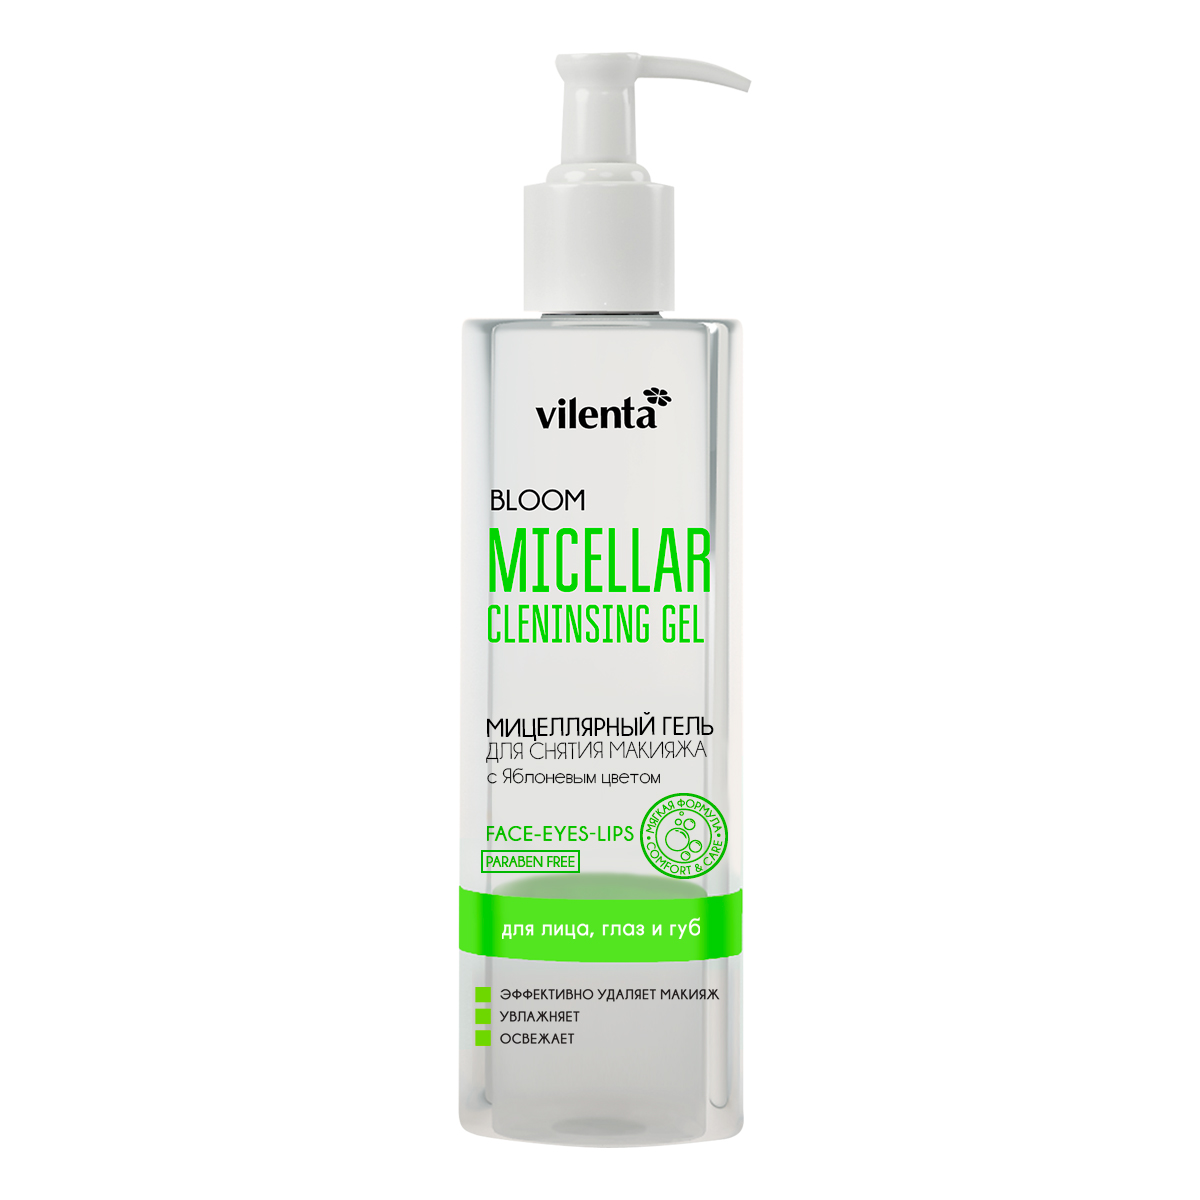 Vilenta Мицеллярный гель для снятия макияжа Bloom, 200 мл4260254460074Мицеллярный гель для губ и чувствительных глаз обеспечивает эффективное снятие макияжа без раздражения. Его освежающая гелевая текстура успокоит и увлажнит нежную кожу вокруг глаз. Эффективно удаляет макияж и очищает кожу. Идеально подходит для очищения кожи после косметического пилинга или чистки.